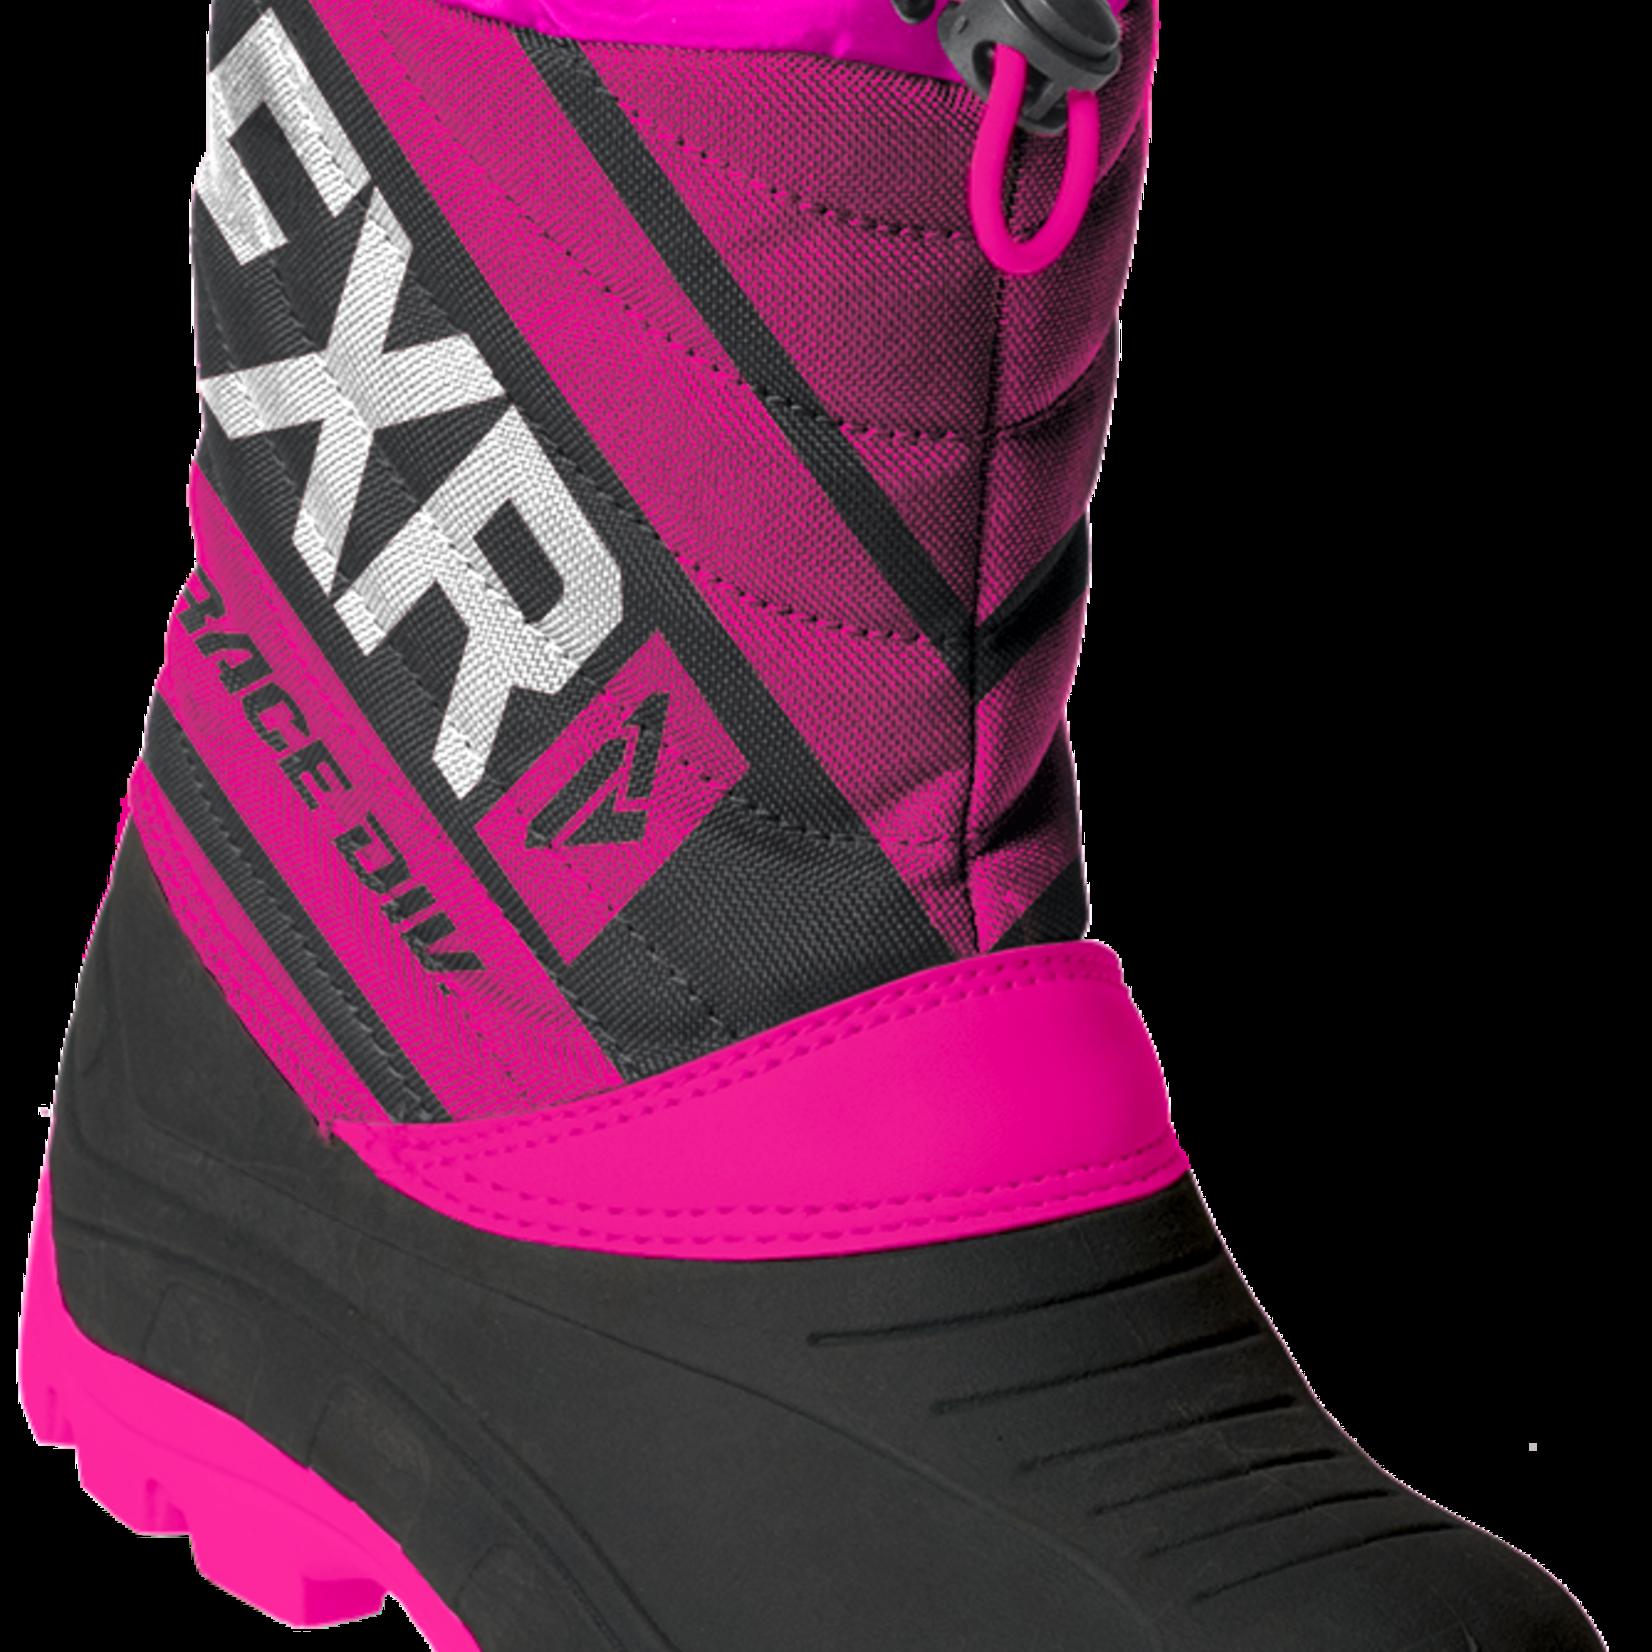 FXR FXR Youth Octane Boot